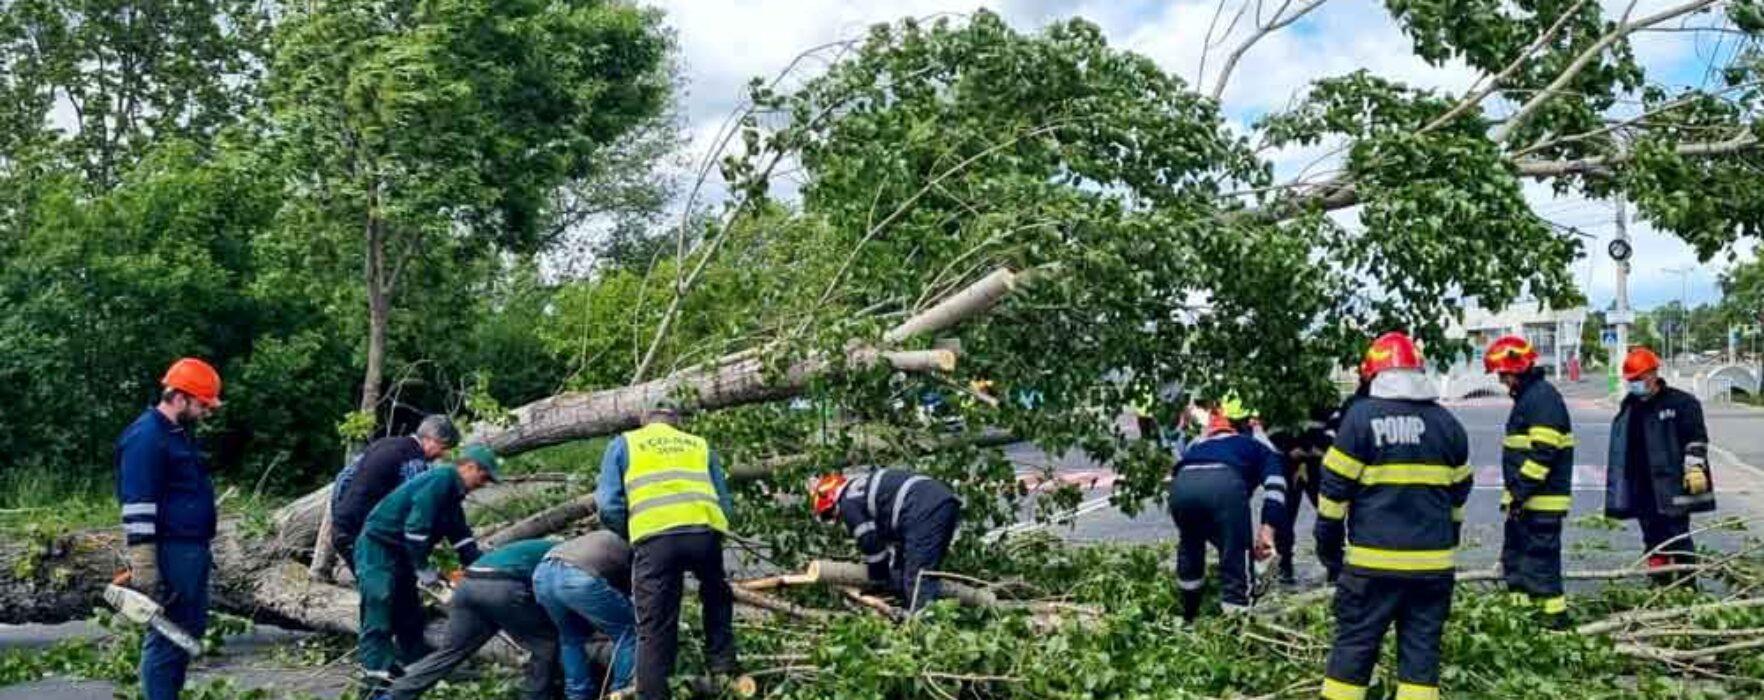 Dâmboviţa: Copaci doborâţi de vânt au afectat reţeuaa electrică şi traficul rutier